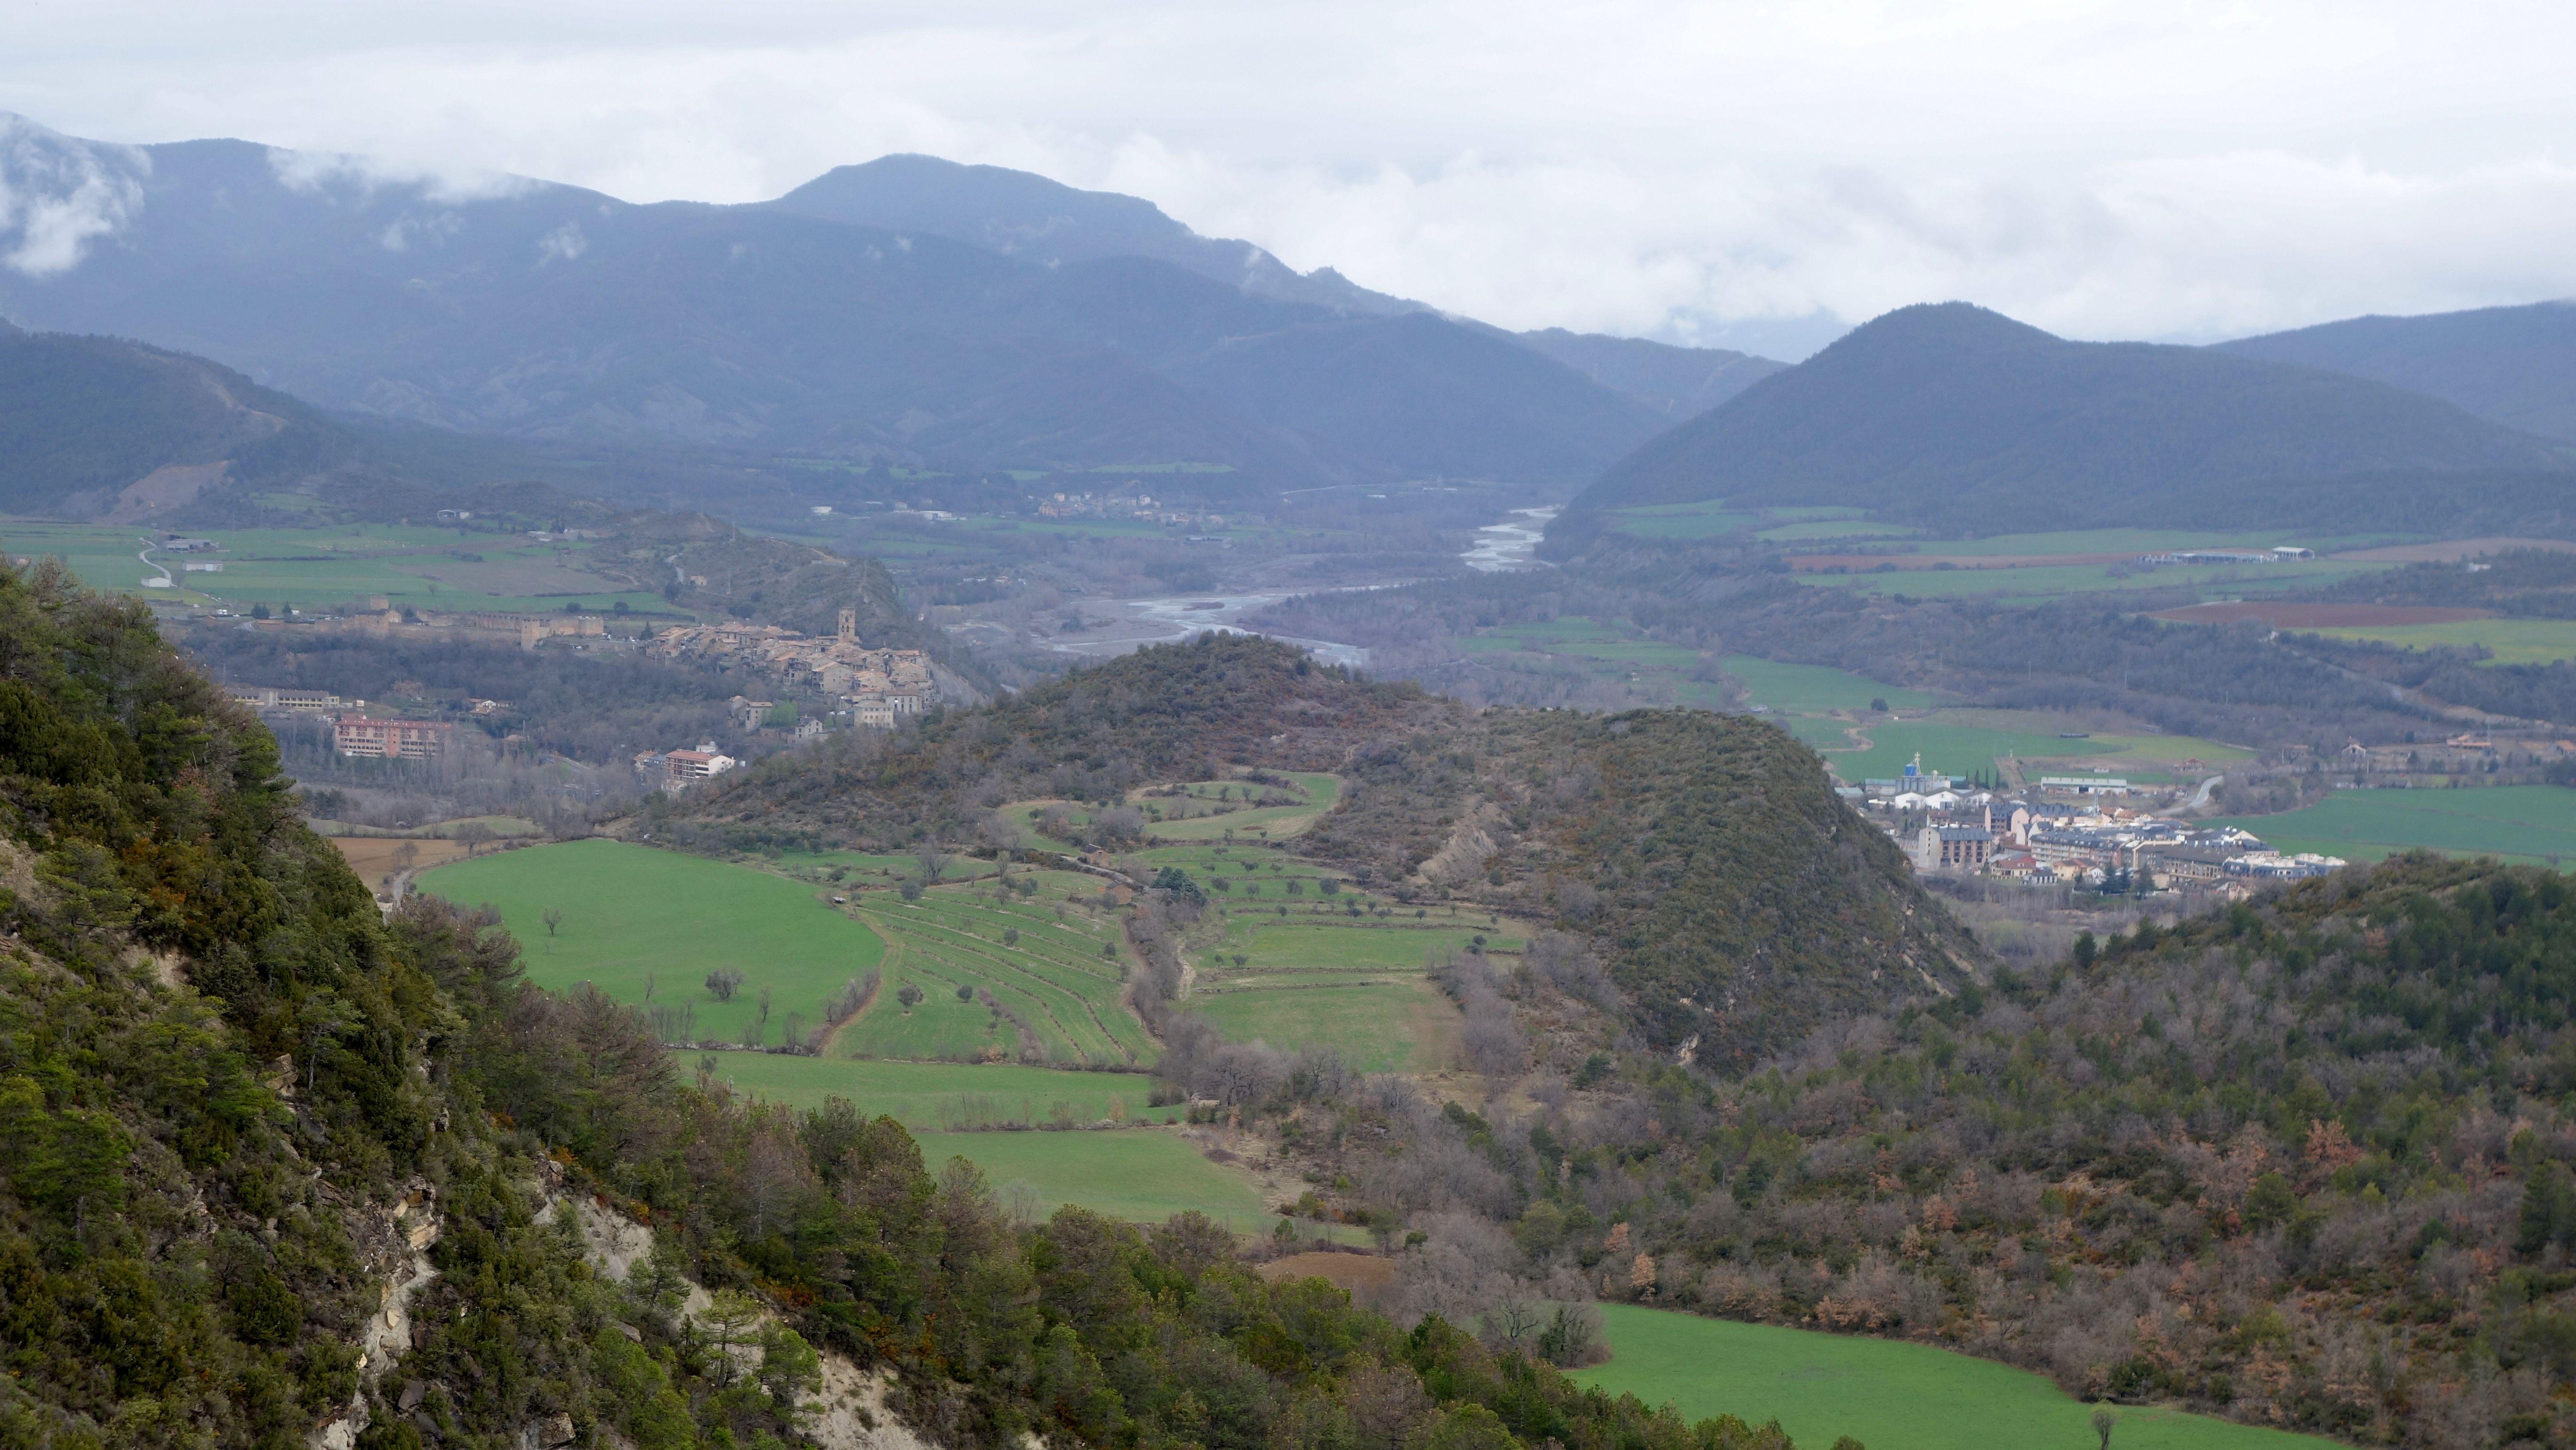 L'Aínsa, Labuerda y el curso del río Cinca desde el Cerro Cotón (730 metros)